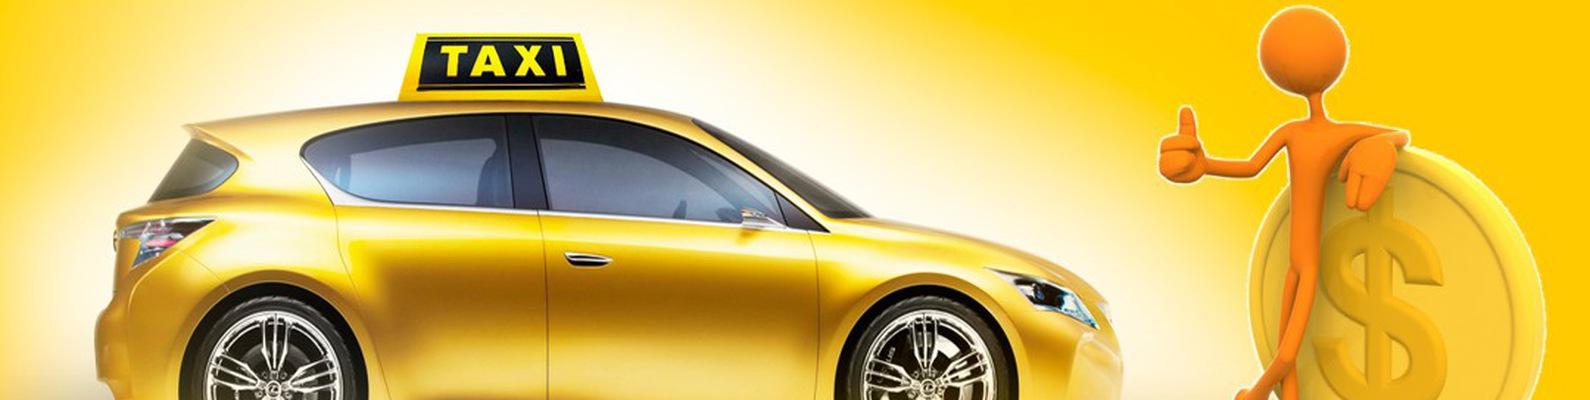 Такси лидер ростов на дону отзывы водителей